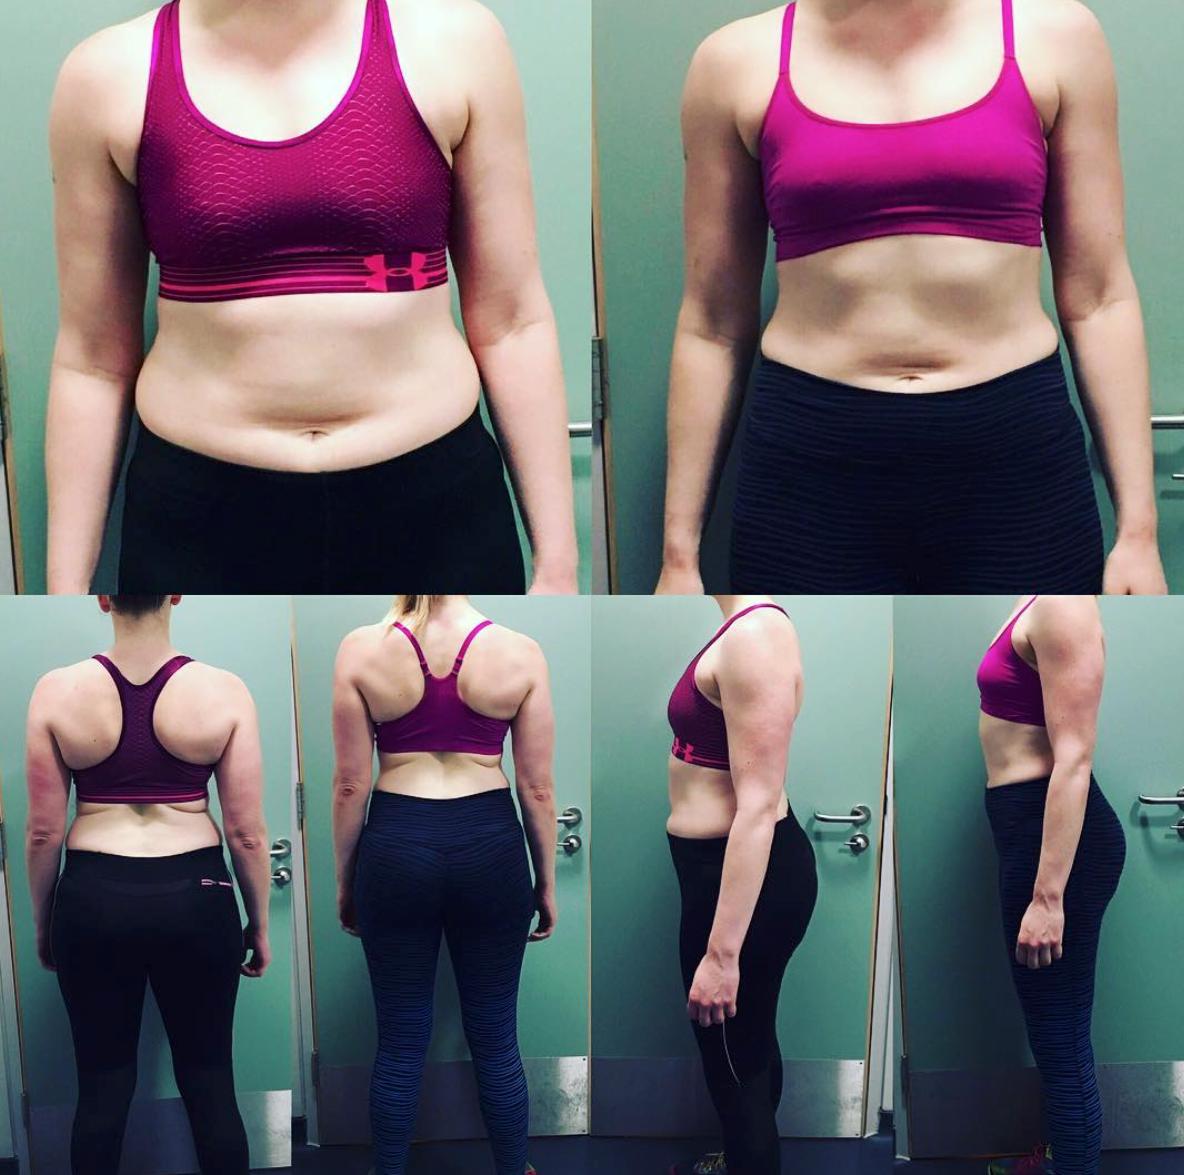 8 weeks, 8kg lost